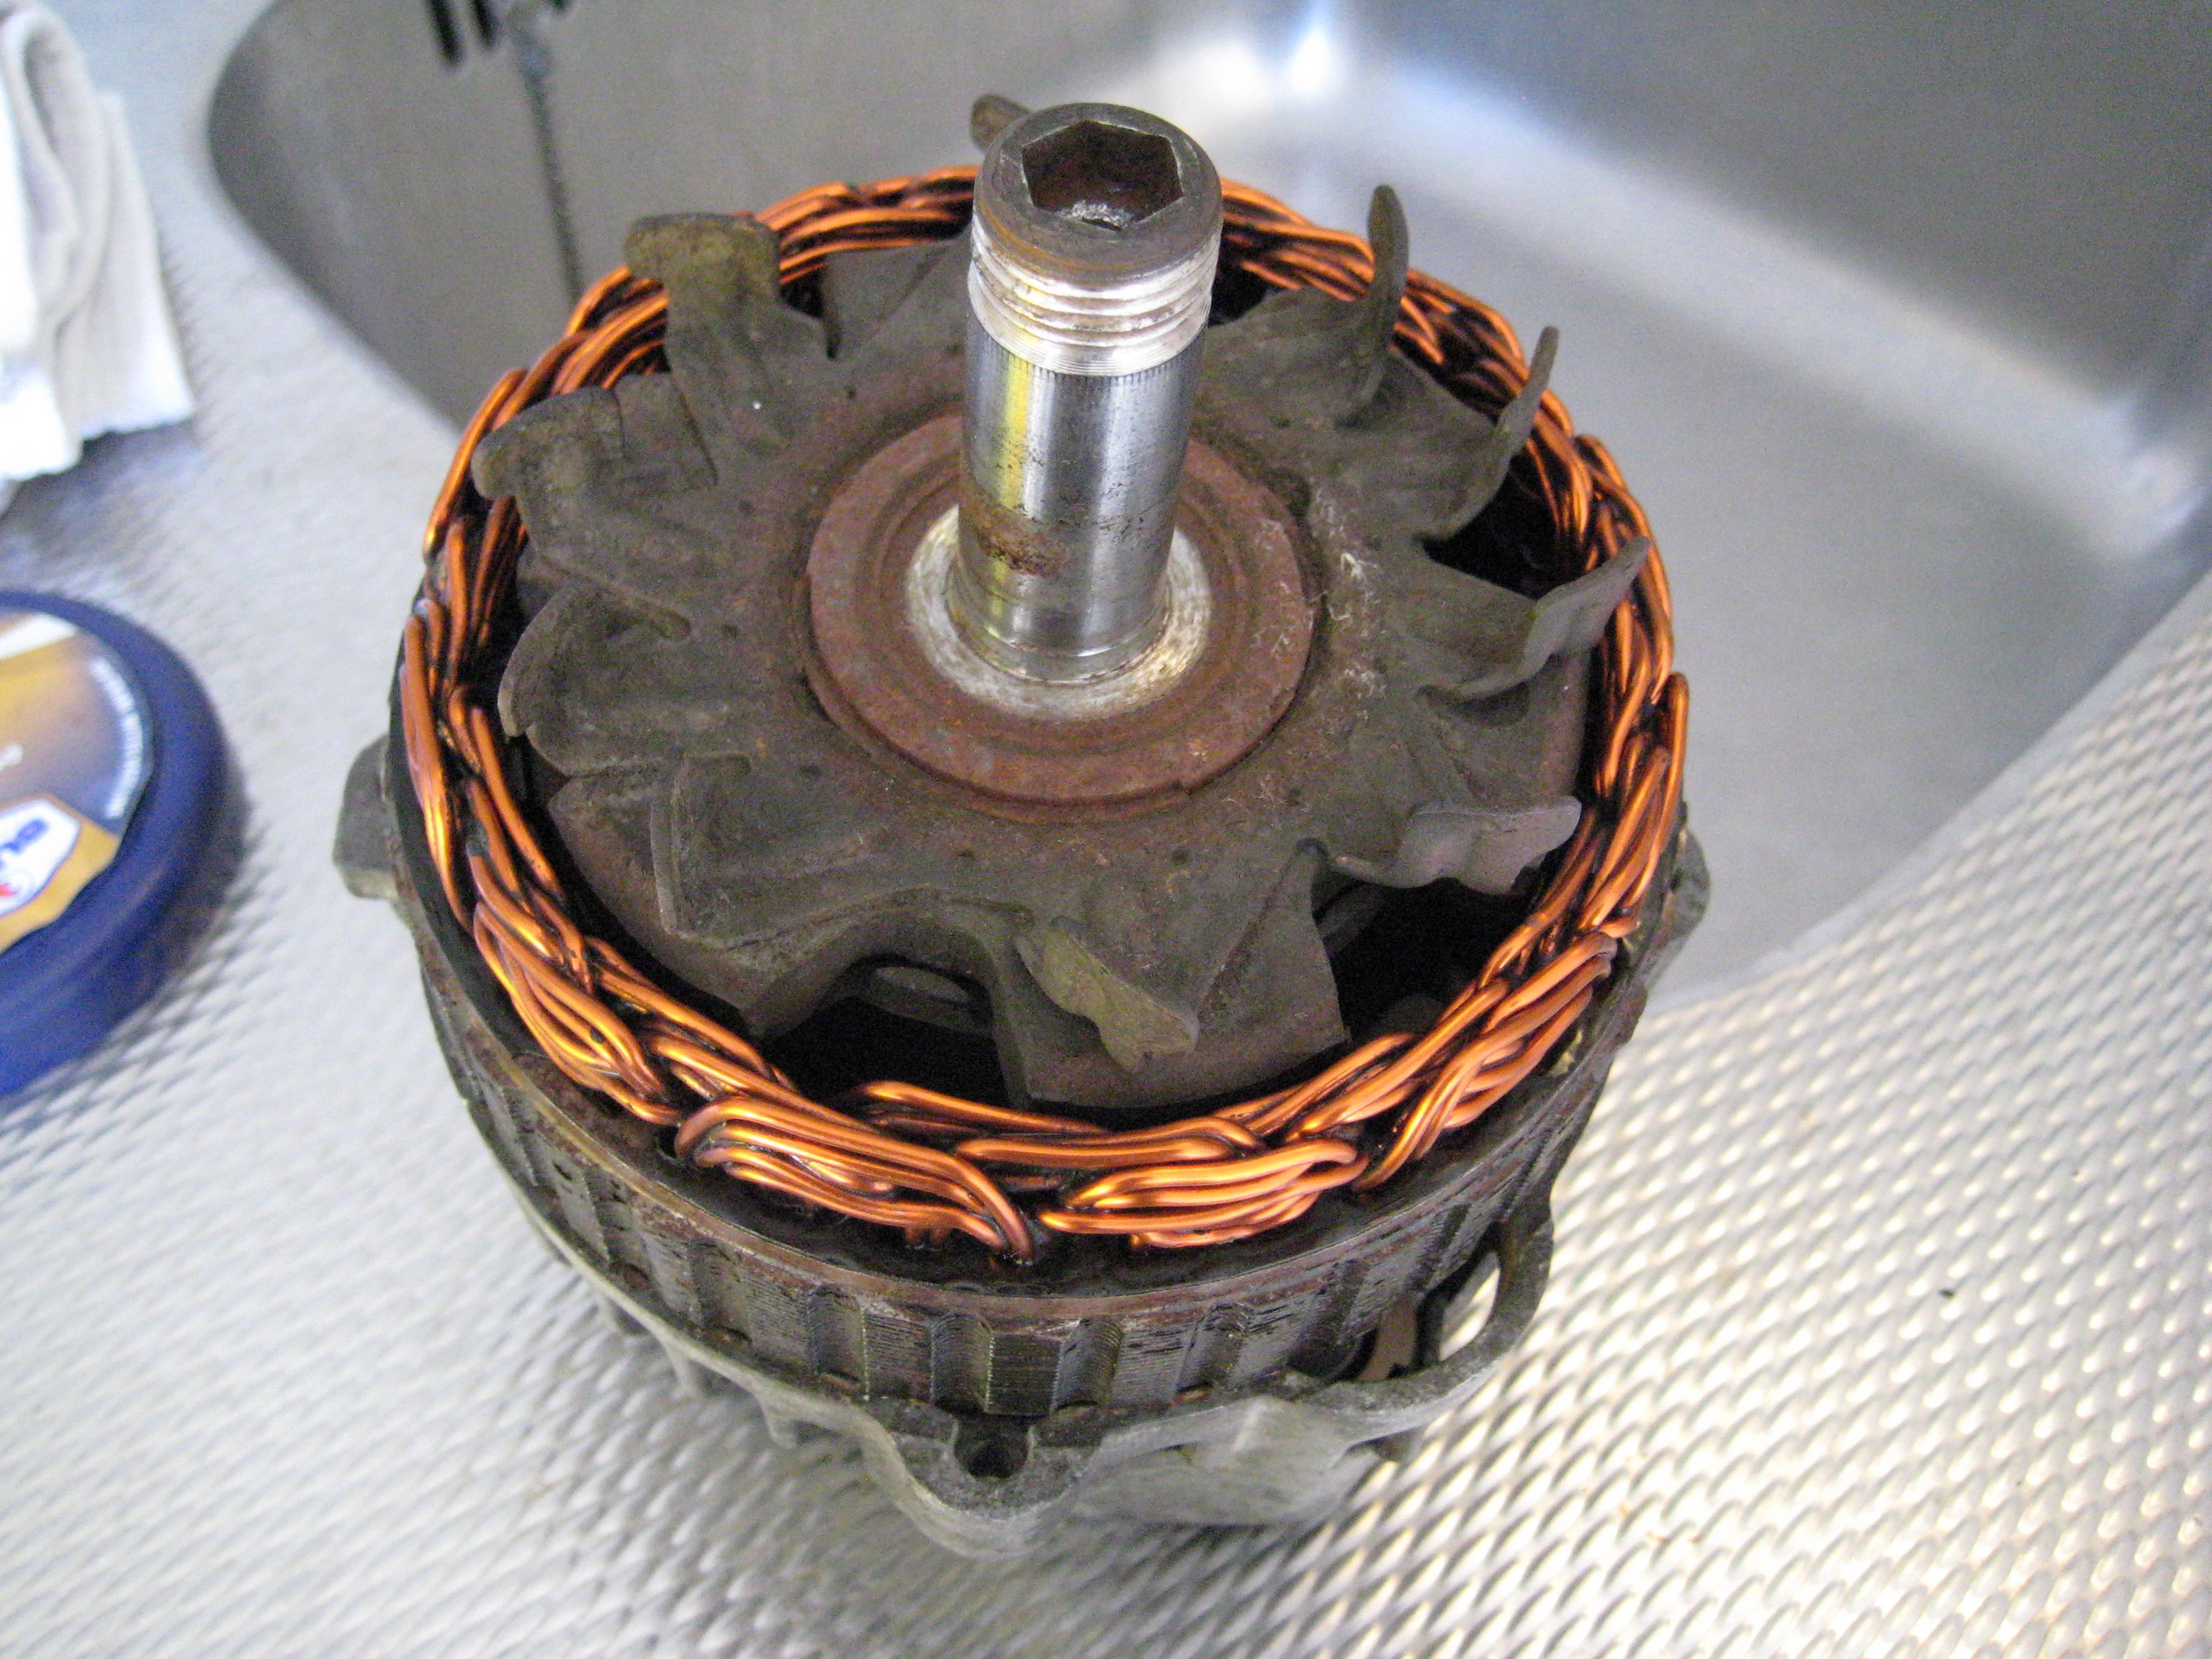 De rotor is nu geïnstalleerd